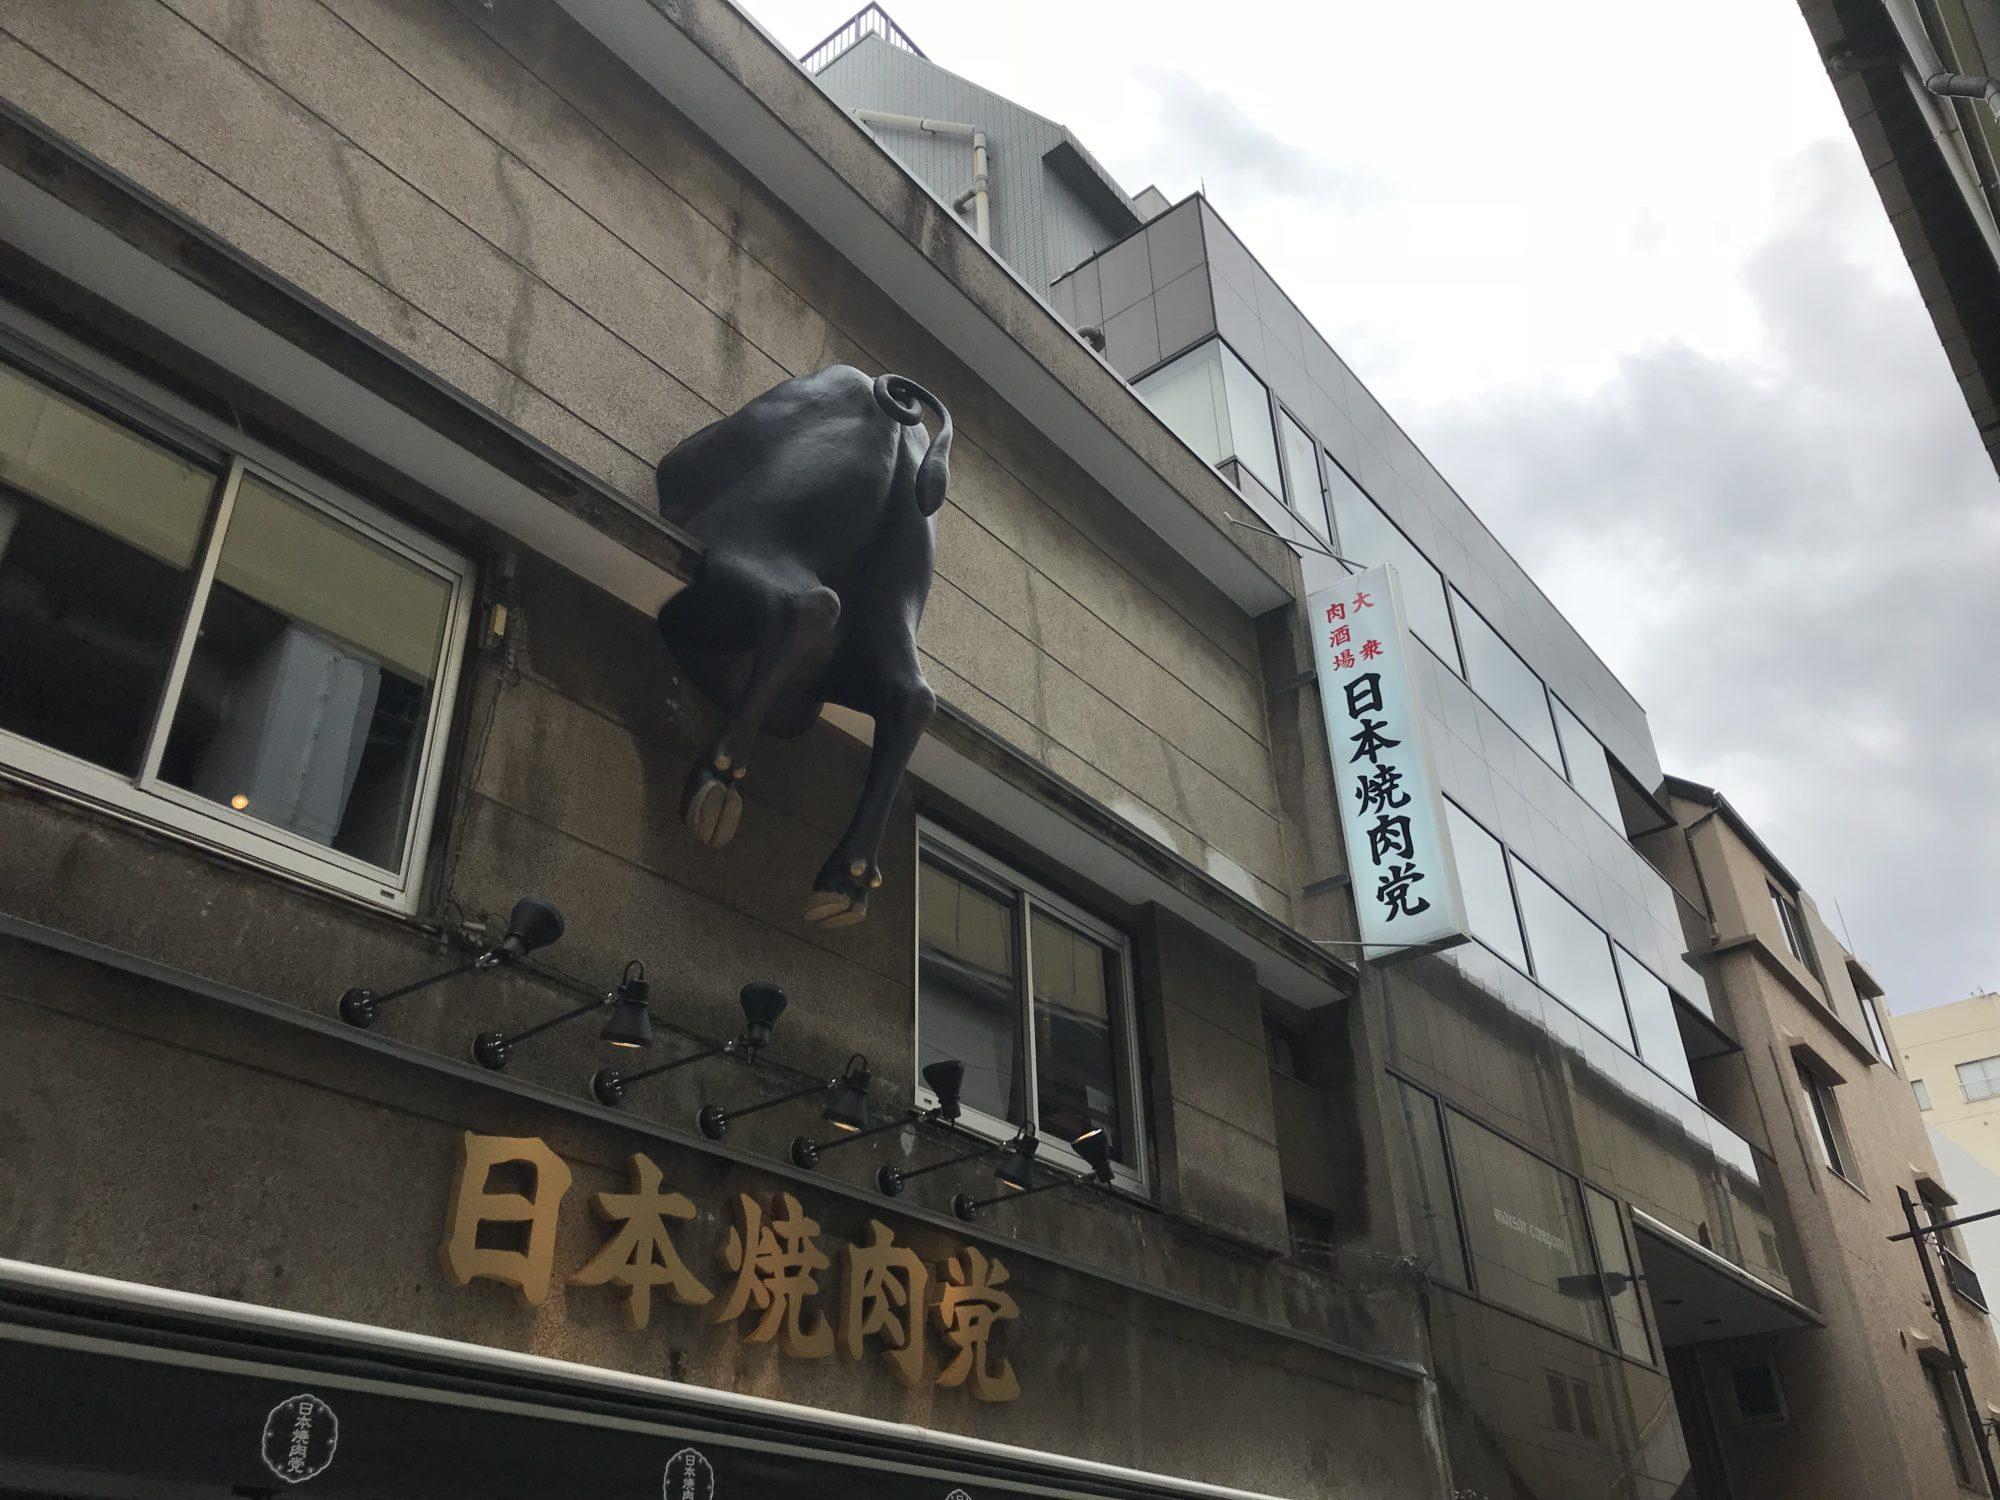 日本焼肉党浅草橋西口店看板。牛の大きなお尻付き。